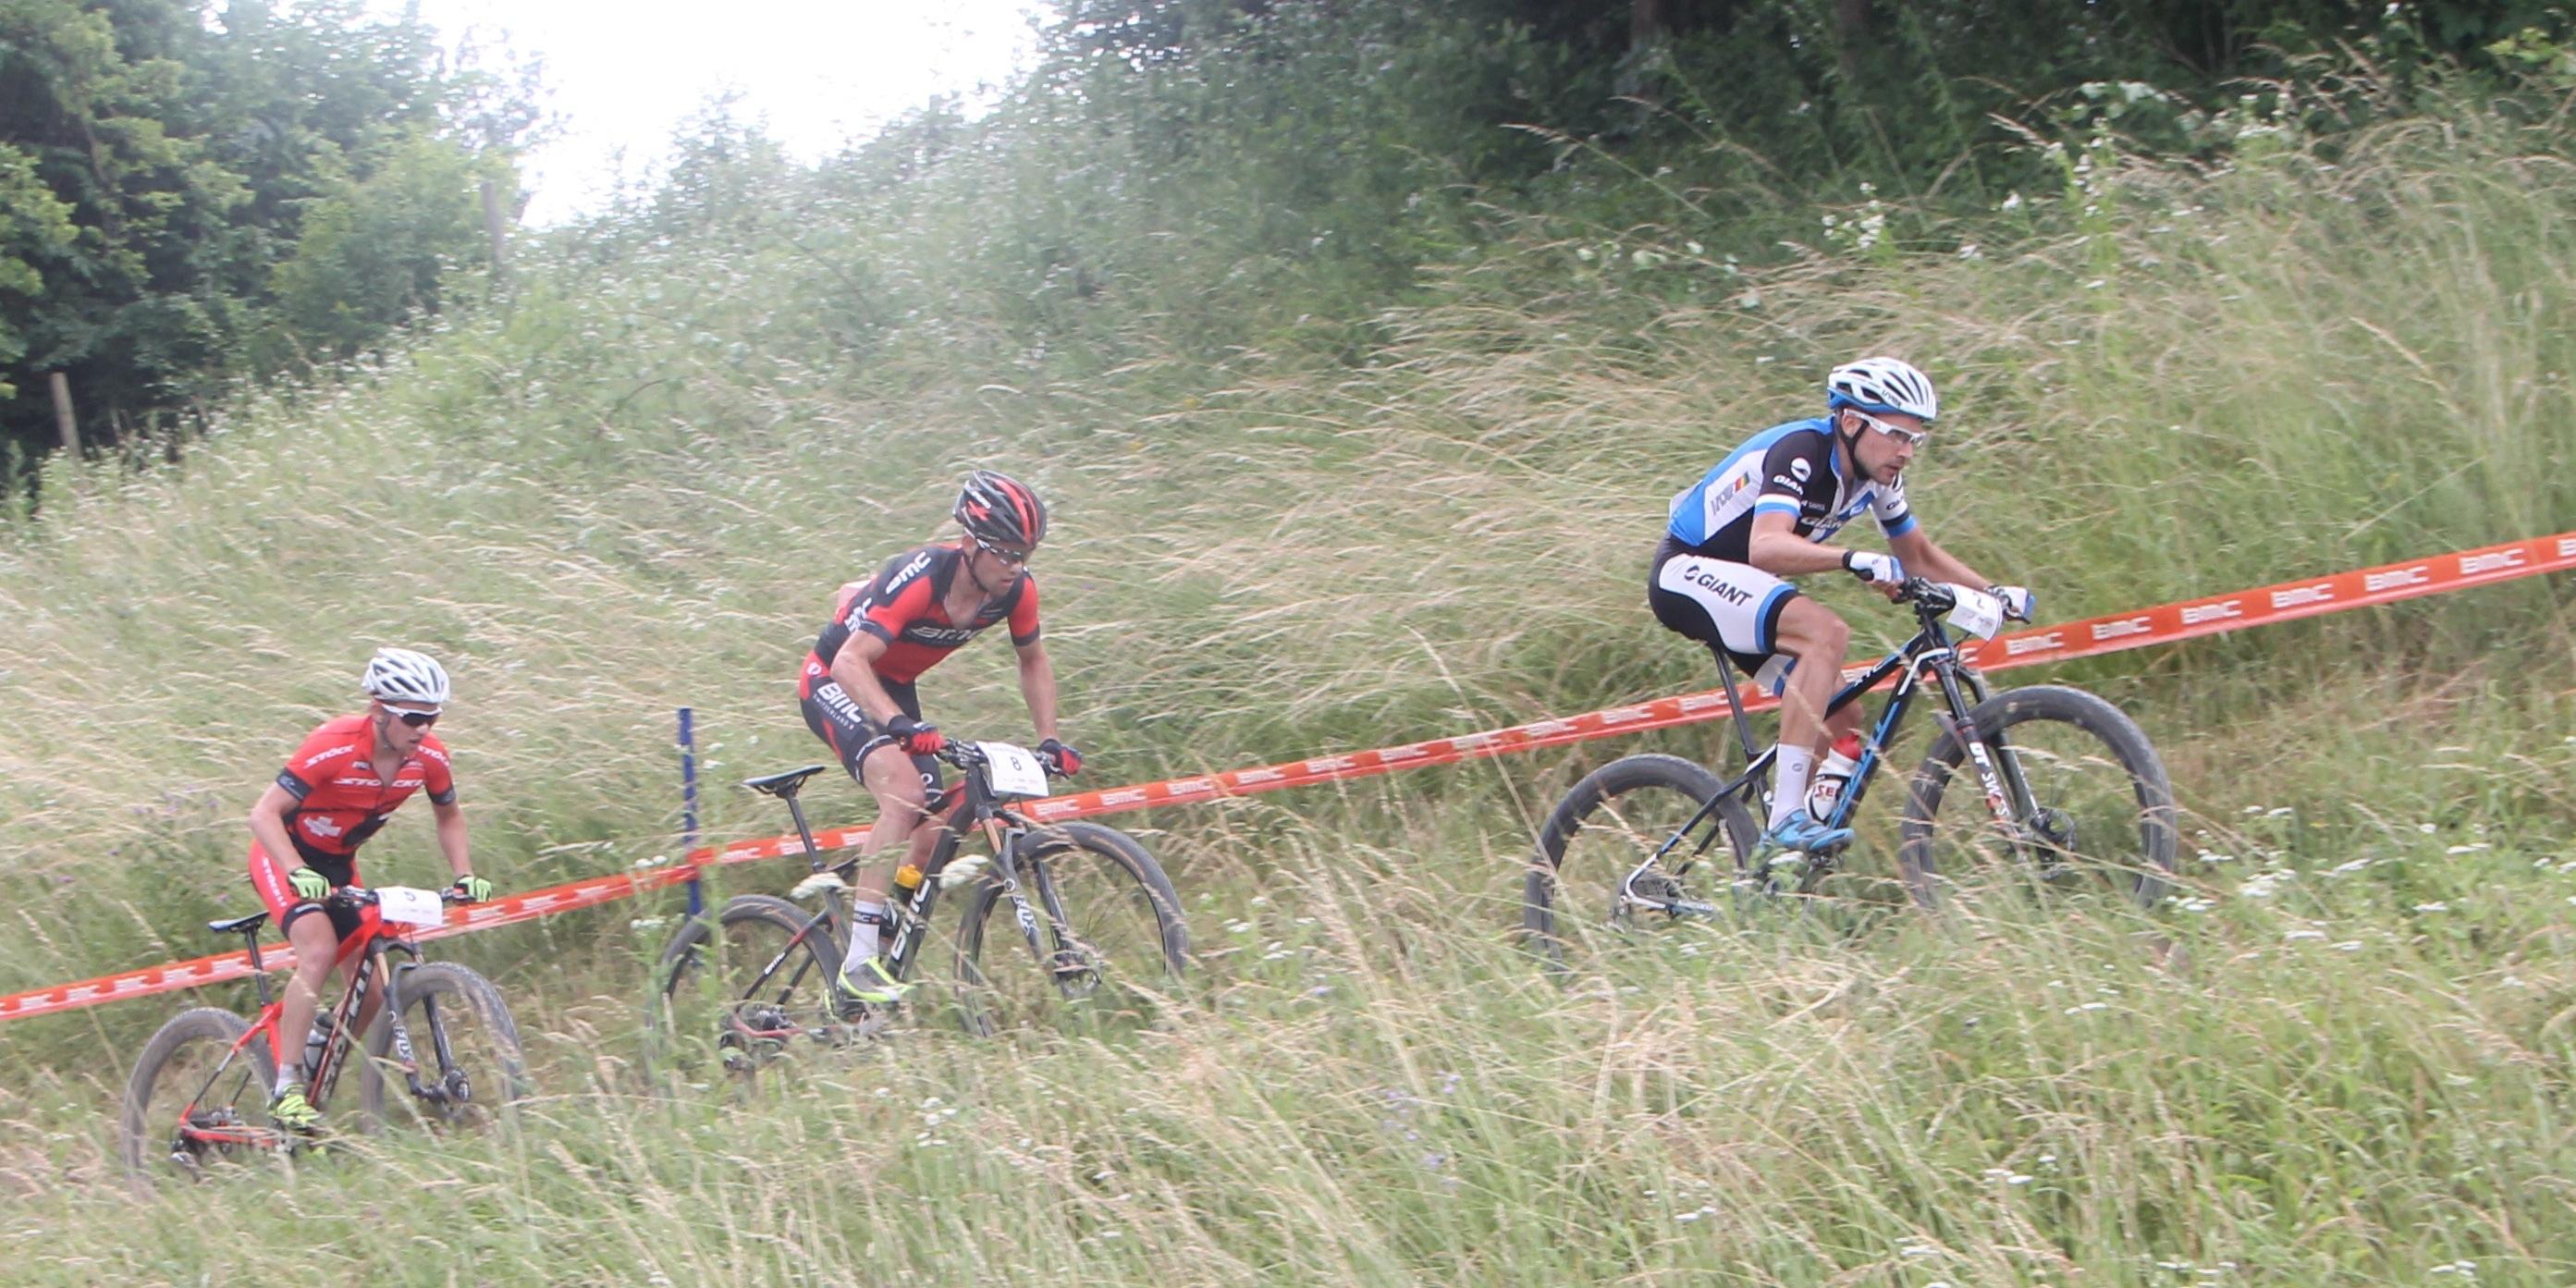 vl_MFlueckiger_LFlueckiger_Giger_graenichen_acrossthecountry_mountainbike